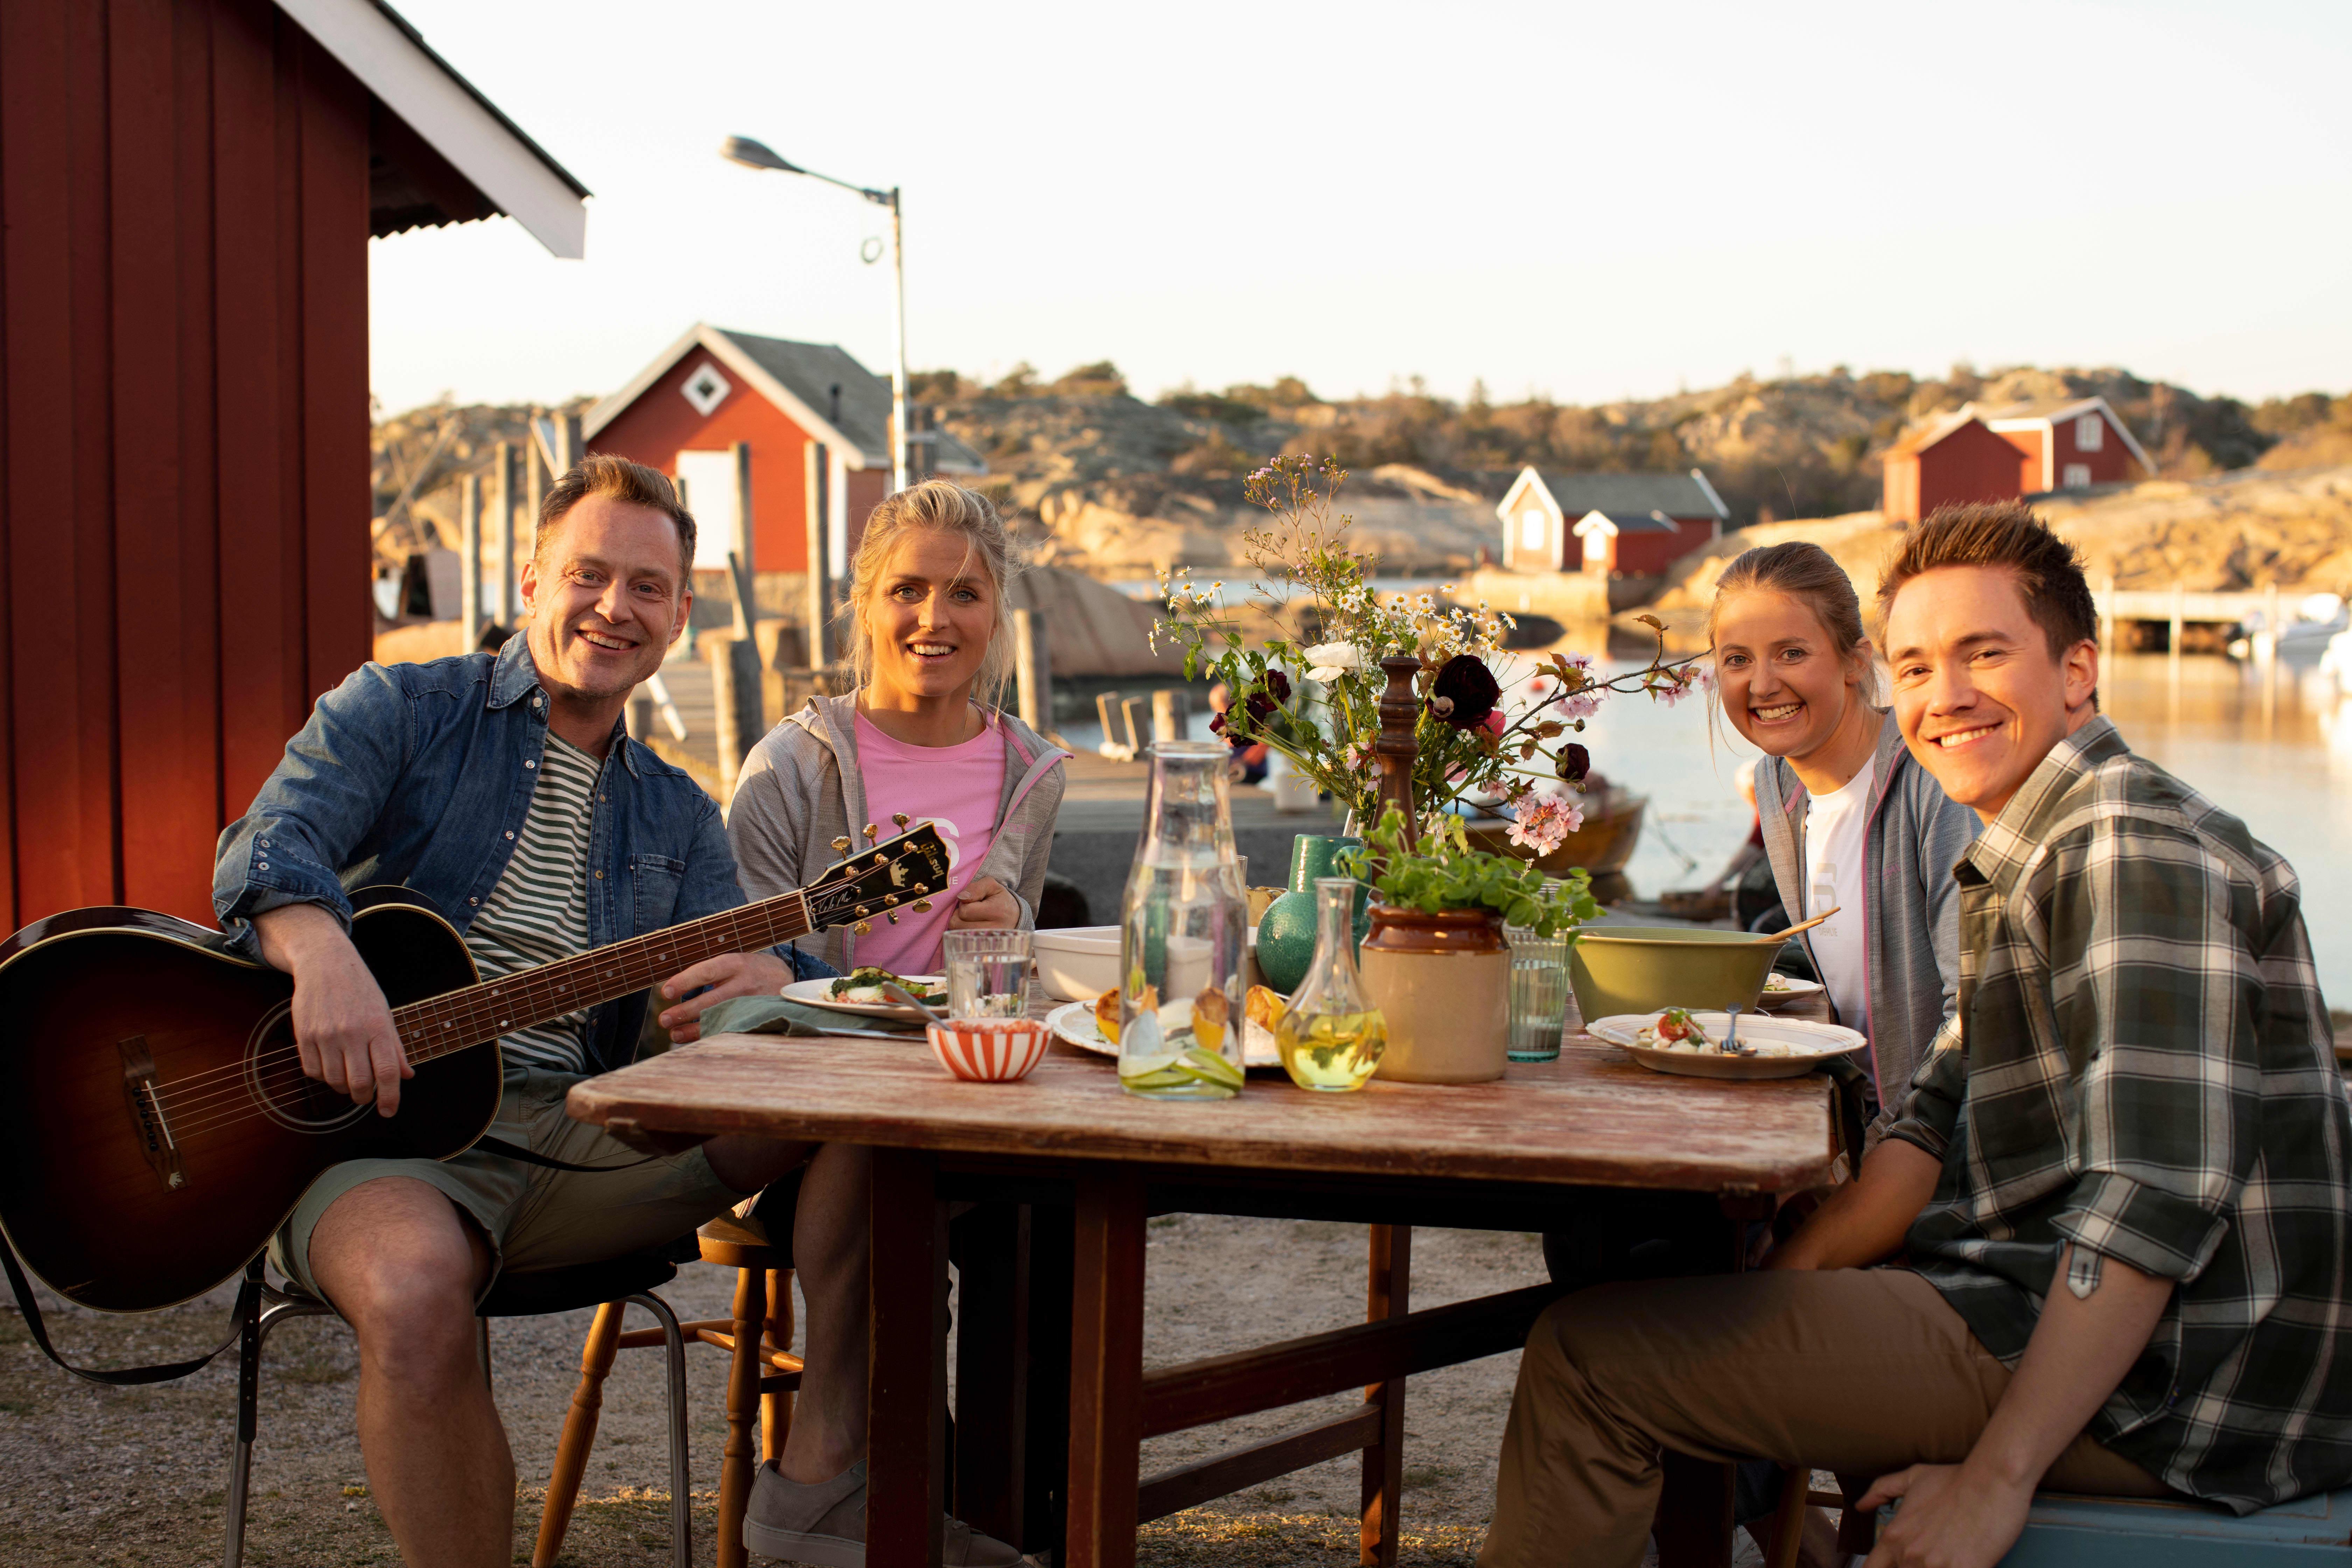 PÅ TUR: Heine Totland, Therese Johaug, Ingvild Flugstad Østberg og Christer Rødseth på tur i vakre omgivelser.